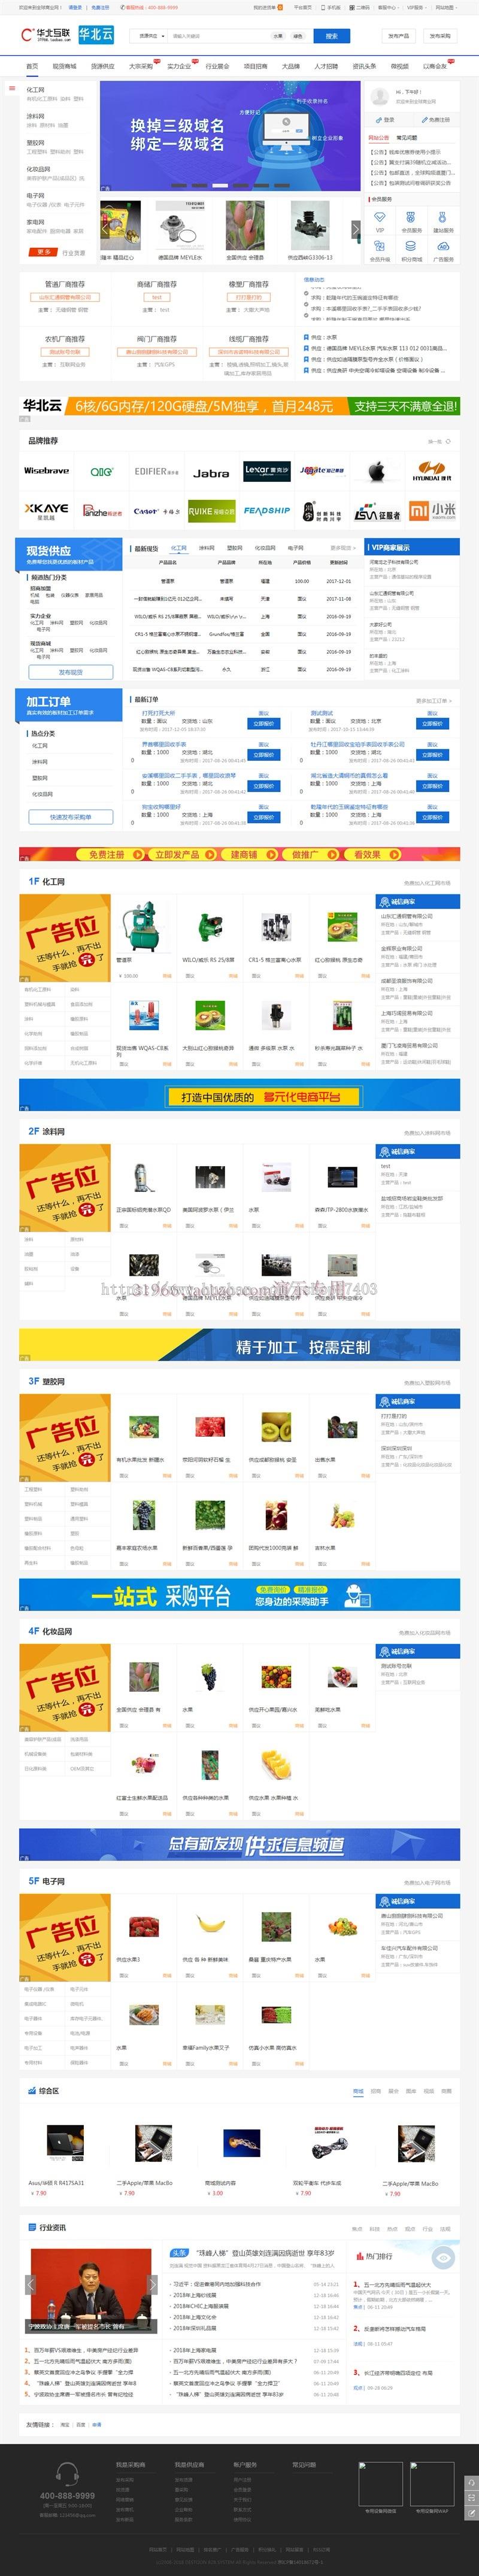 蓝色大型宽屏行业门户网站模板destoon7.0整站带数据带手机模板 其他源码资源